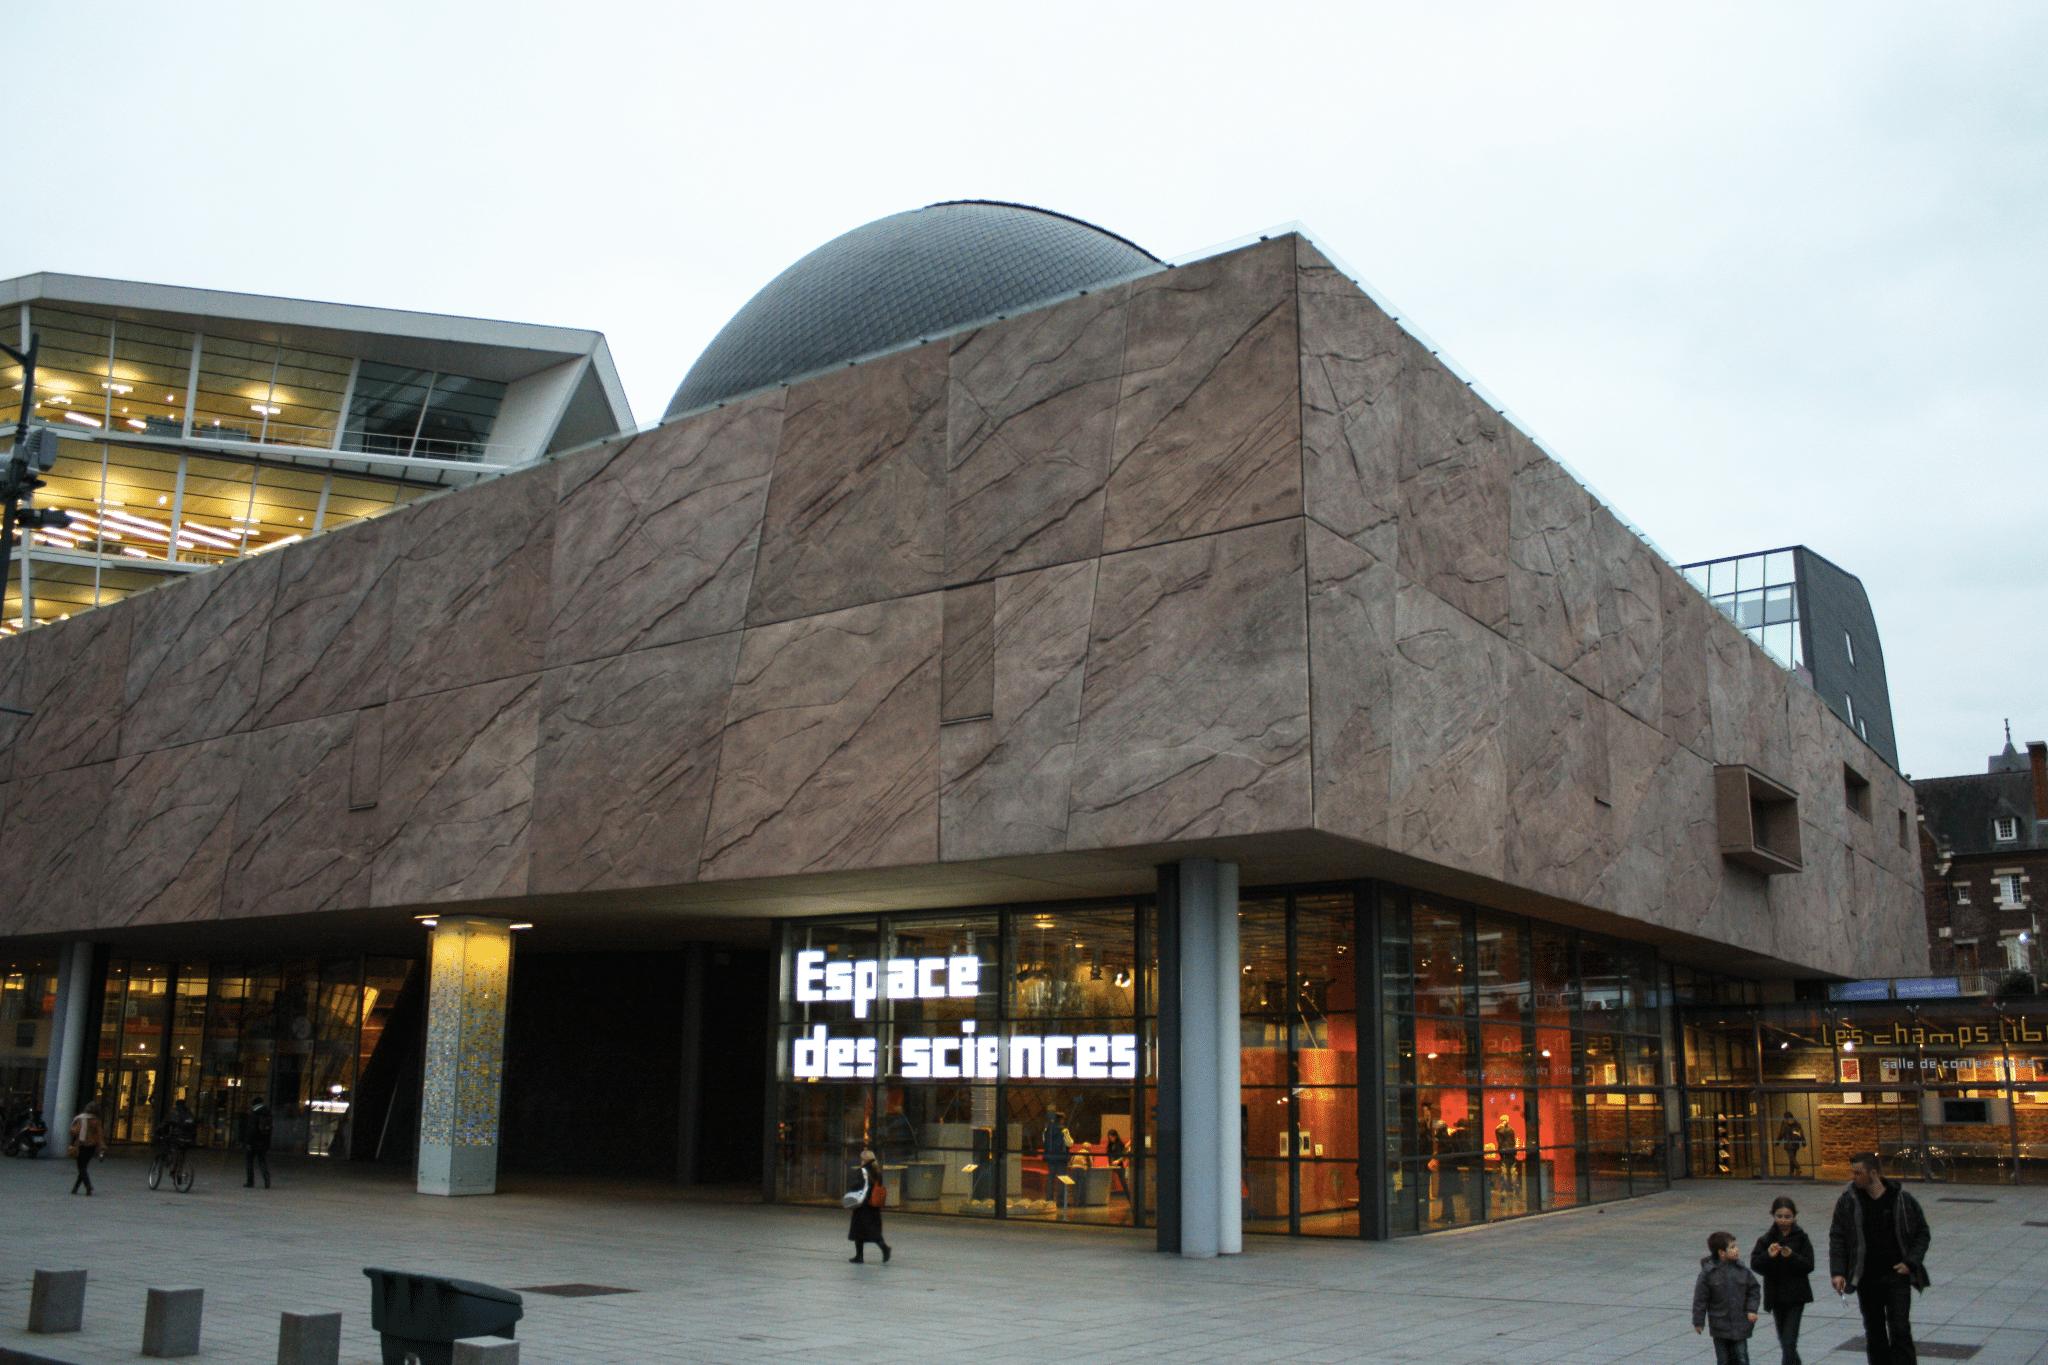 Espace des sciences - Amcsti